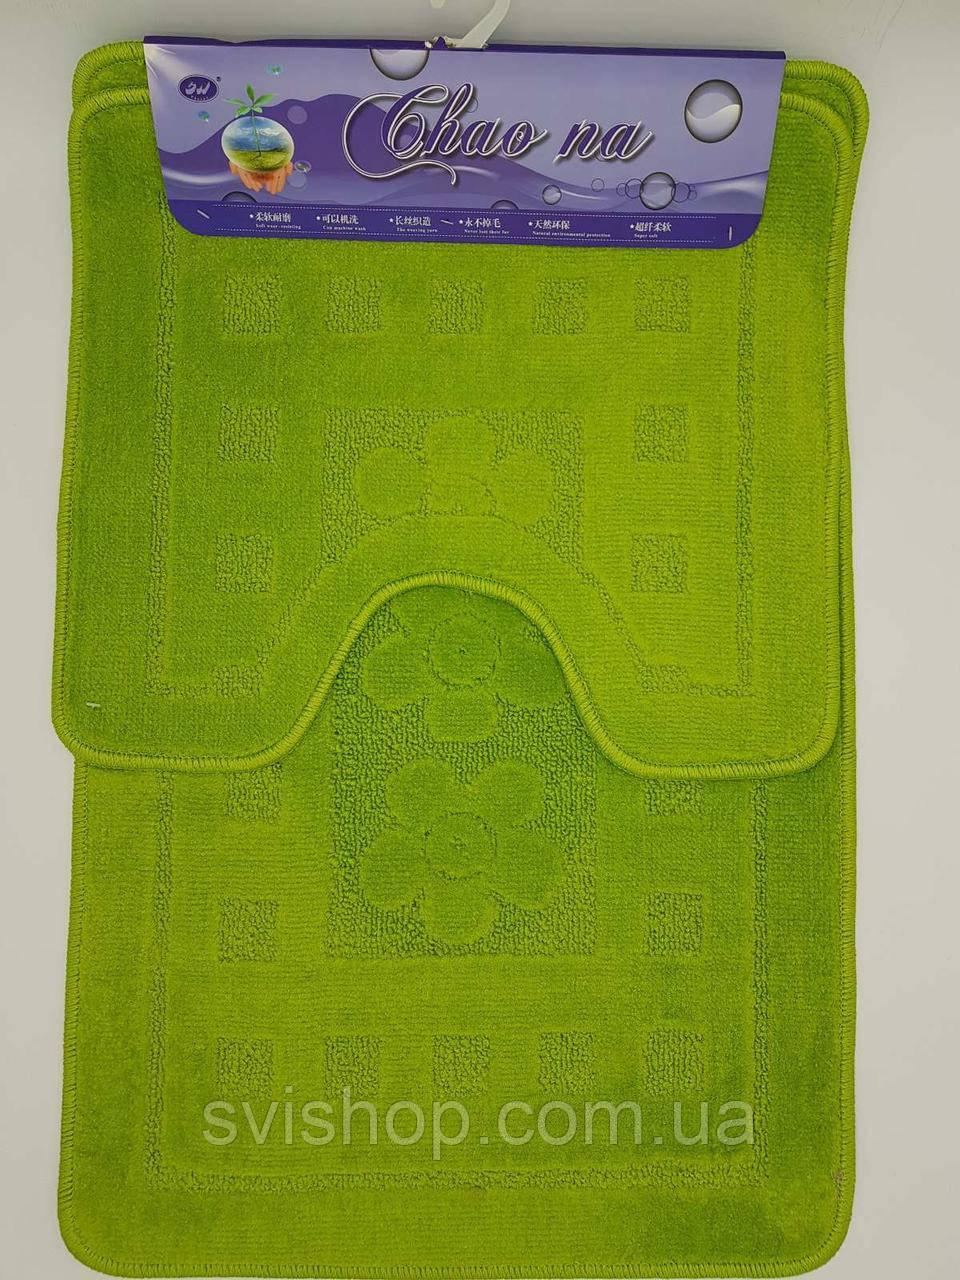 Набор ковриков с ворсом для ванной 50х80 и туалета 50х40. Зеленый цвет.